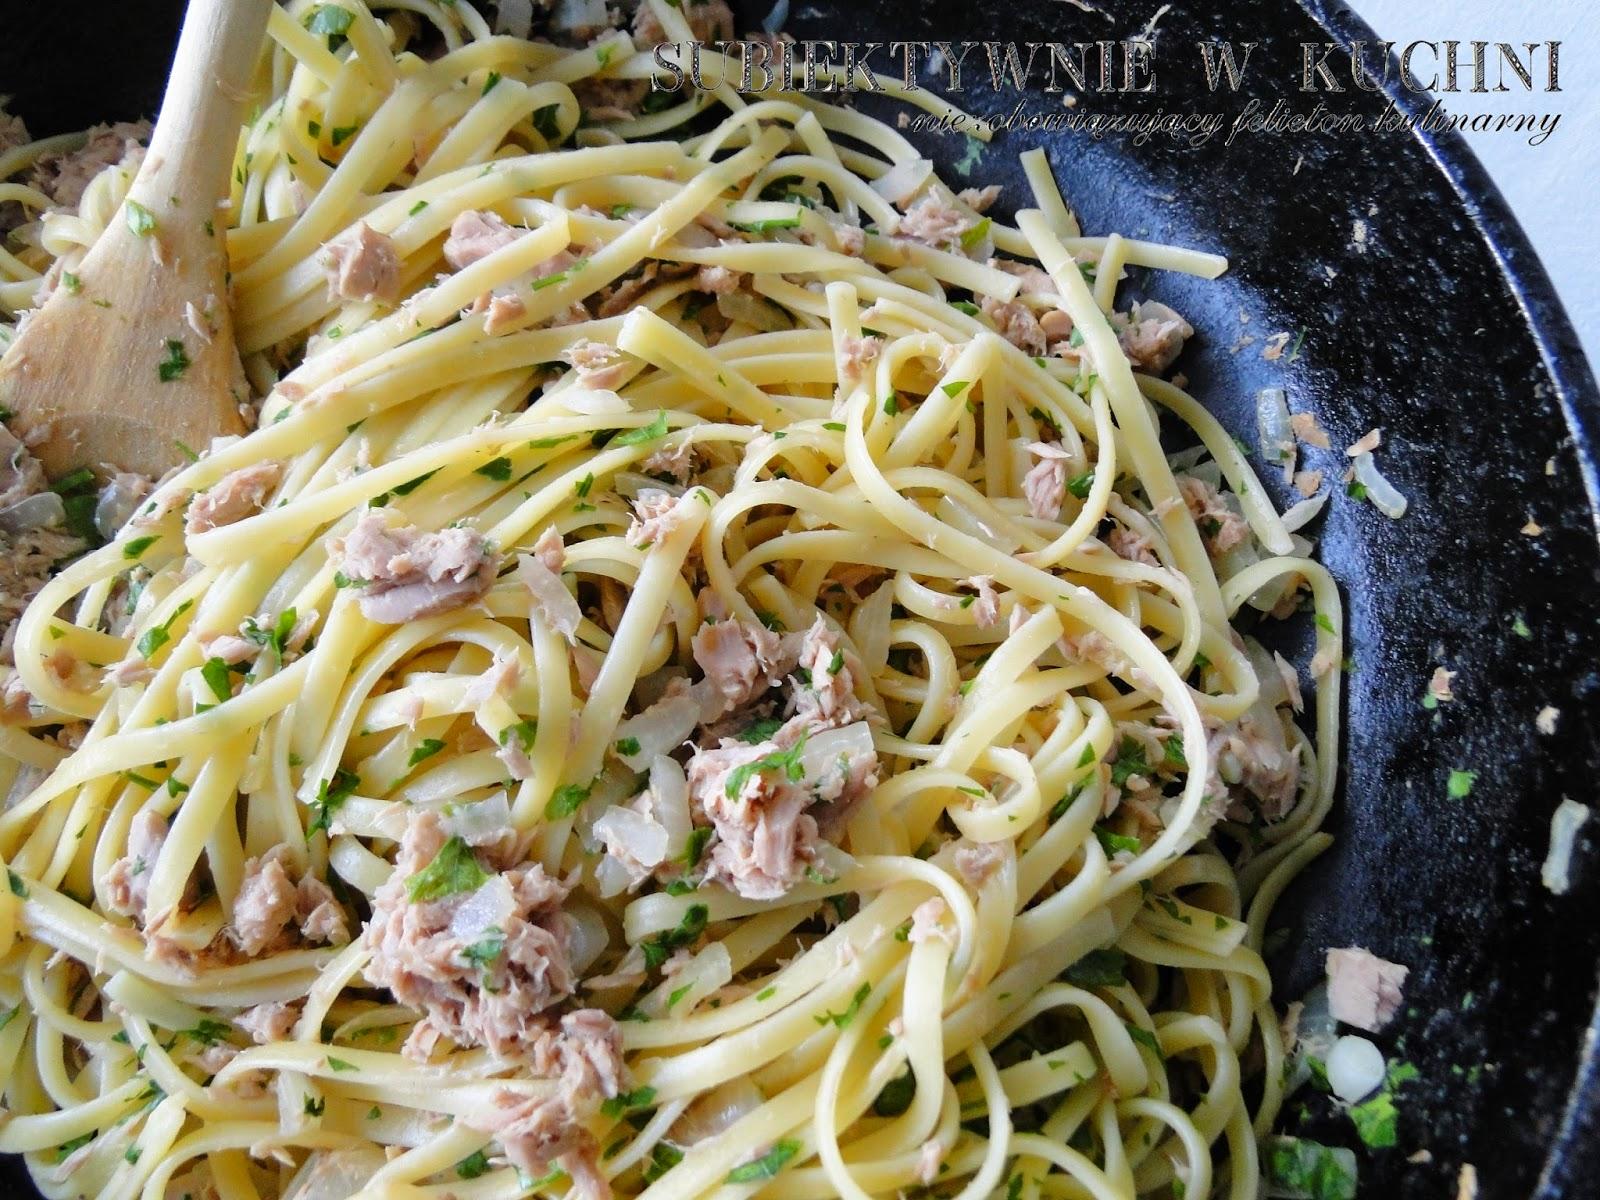 makaron, tuńczyk, obiad, pasta with tuna, pâtes au thon, Pasta mit Thunfisch, pasta con atún